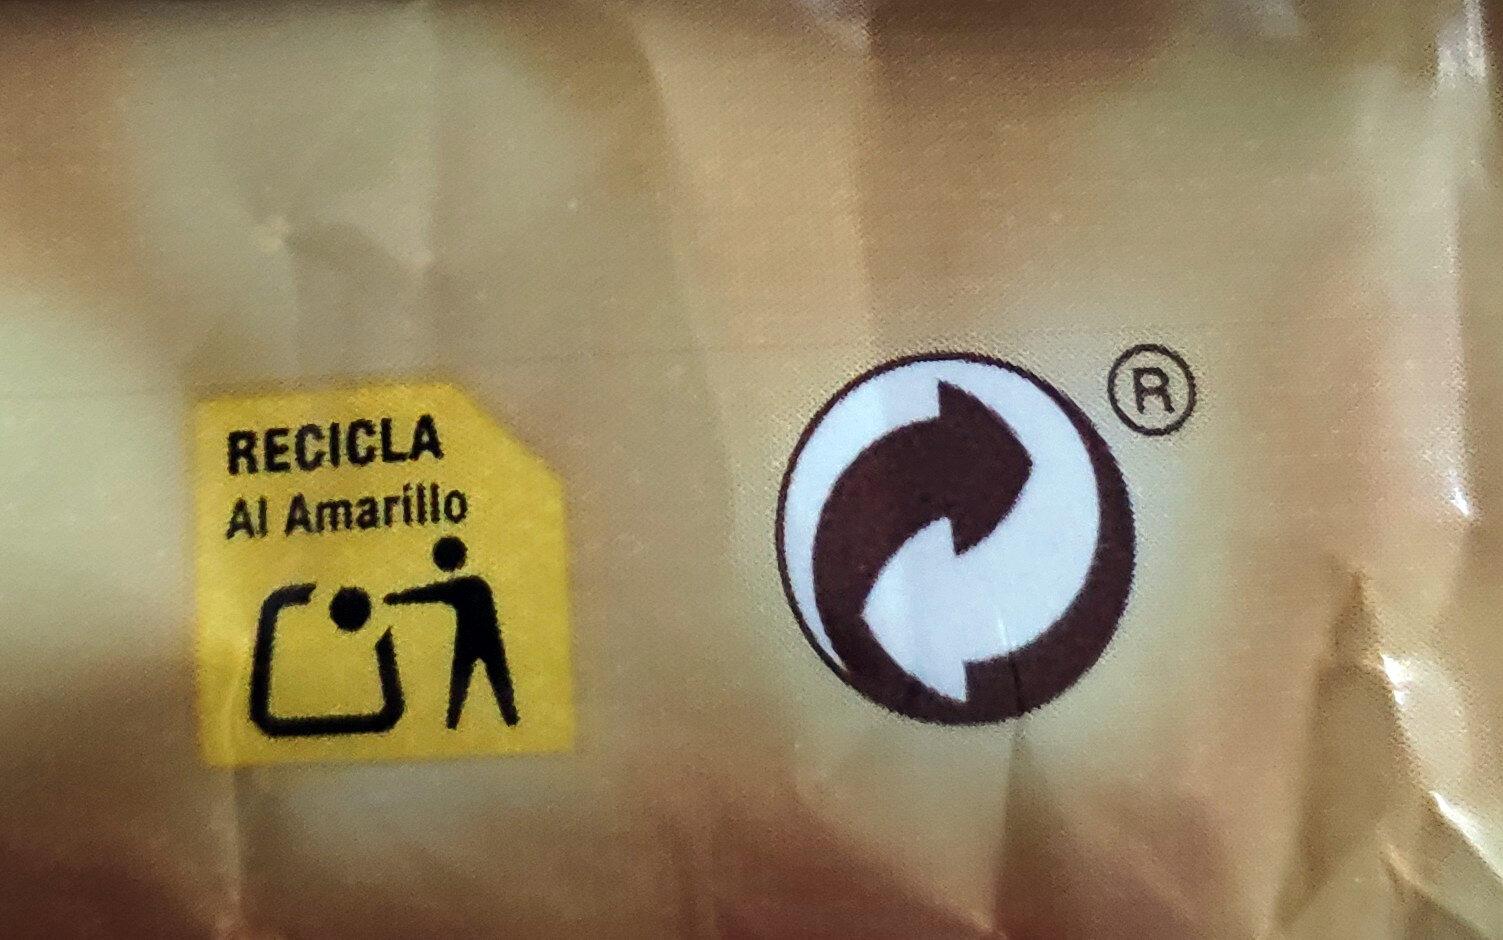 Turron de chocolate negro crujiente - Istruzioni per il riciclaggio e/o informazioni sull'imballaggio - es